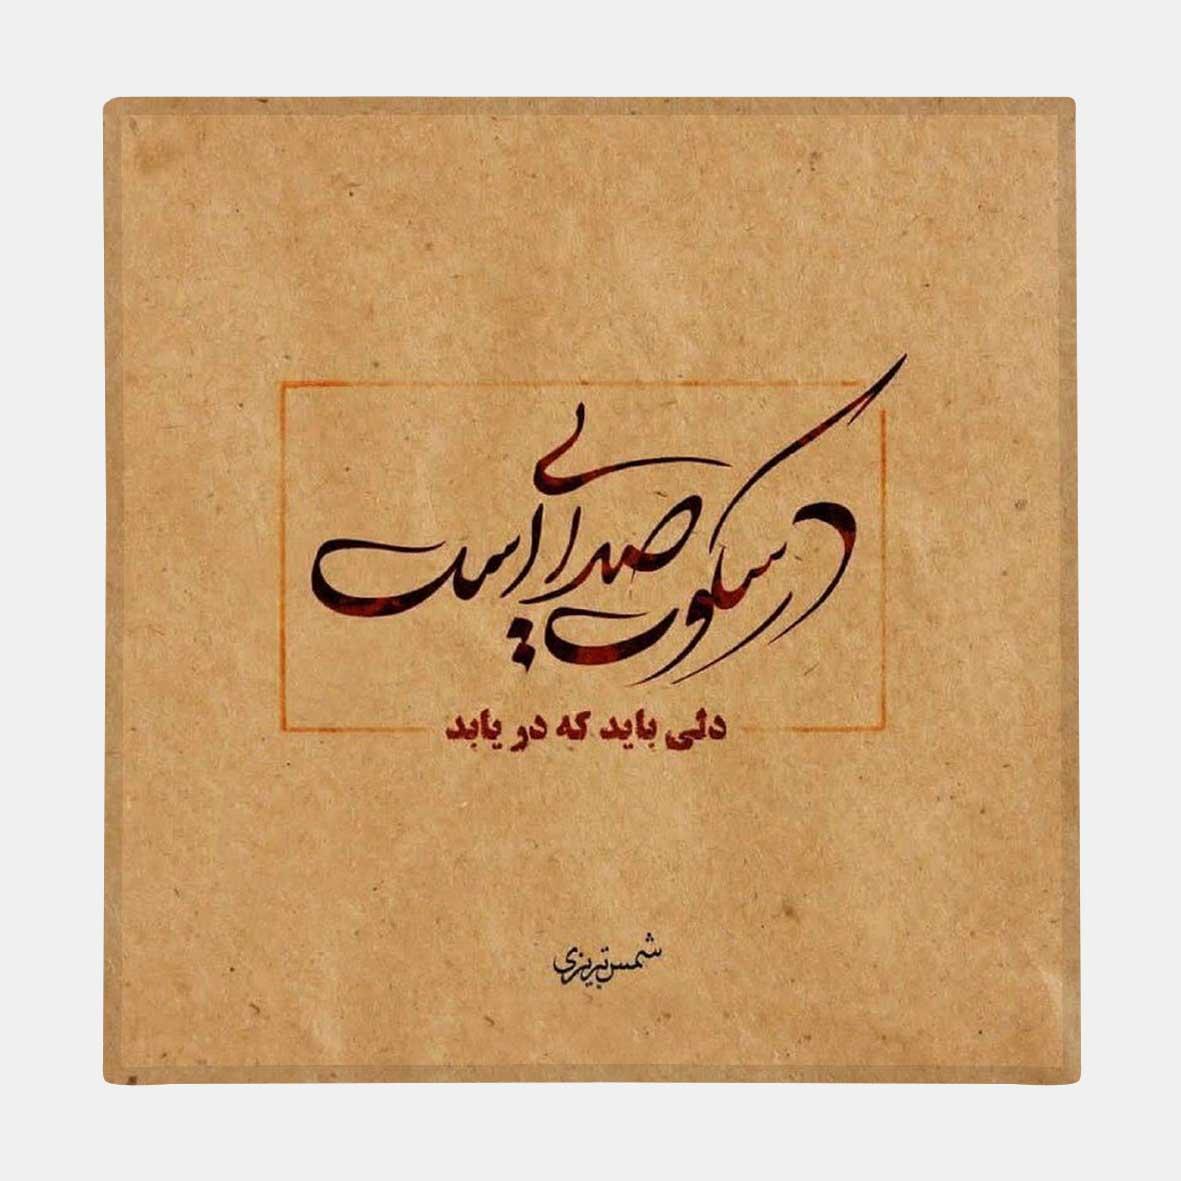 کاشی طرح شعر شمس تبریزی کد kash036